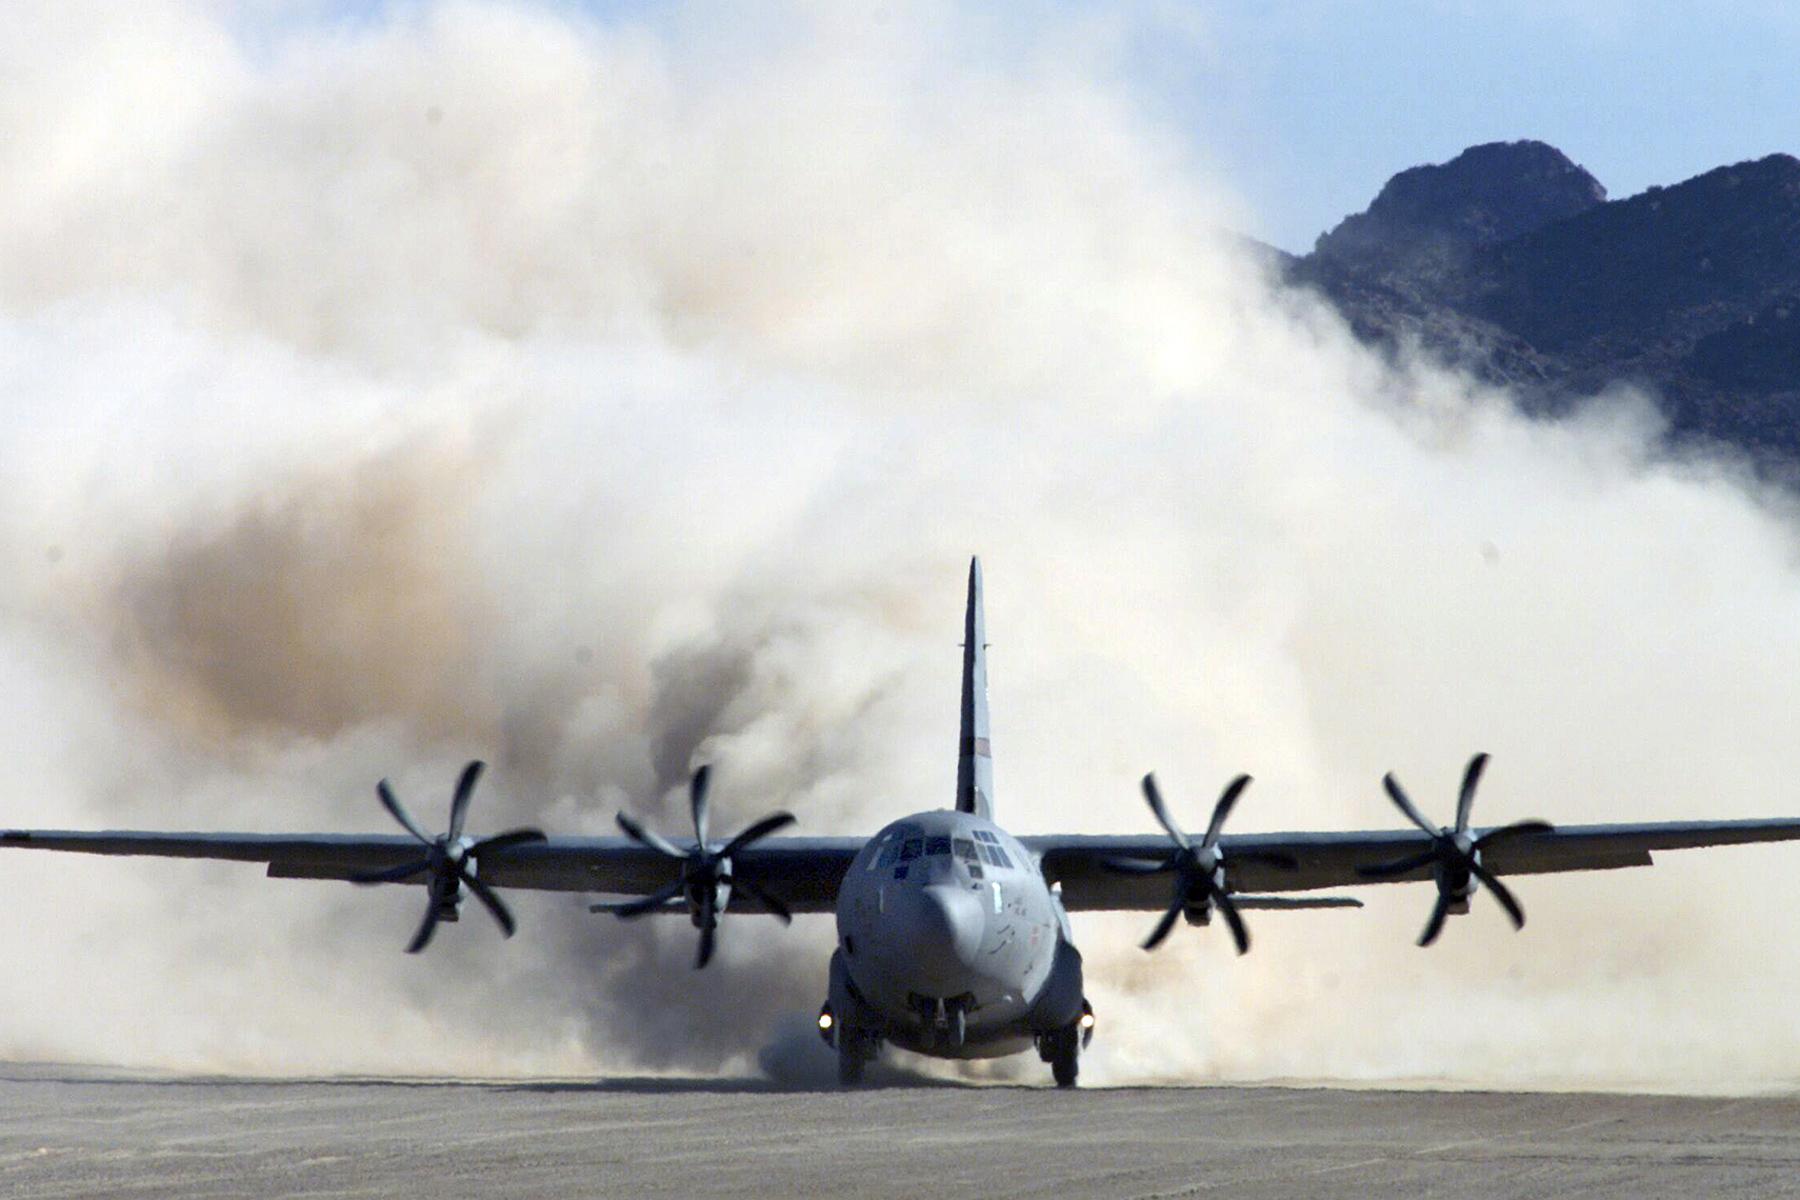 Die Luftwaffe soll sechs Transportflugzeuge des Typs C-130J erhalten. (Quelle: /Lockheed Martin)